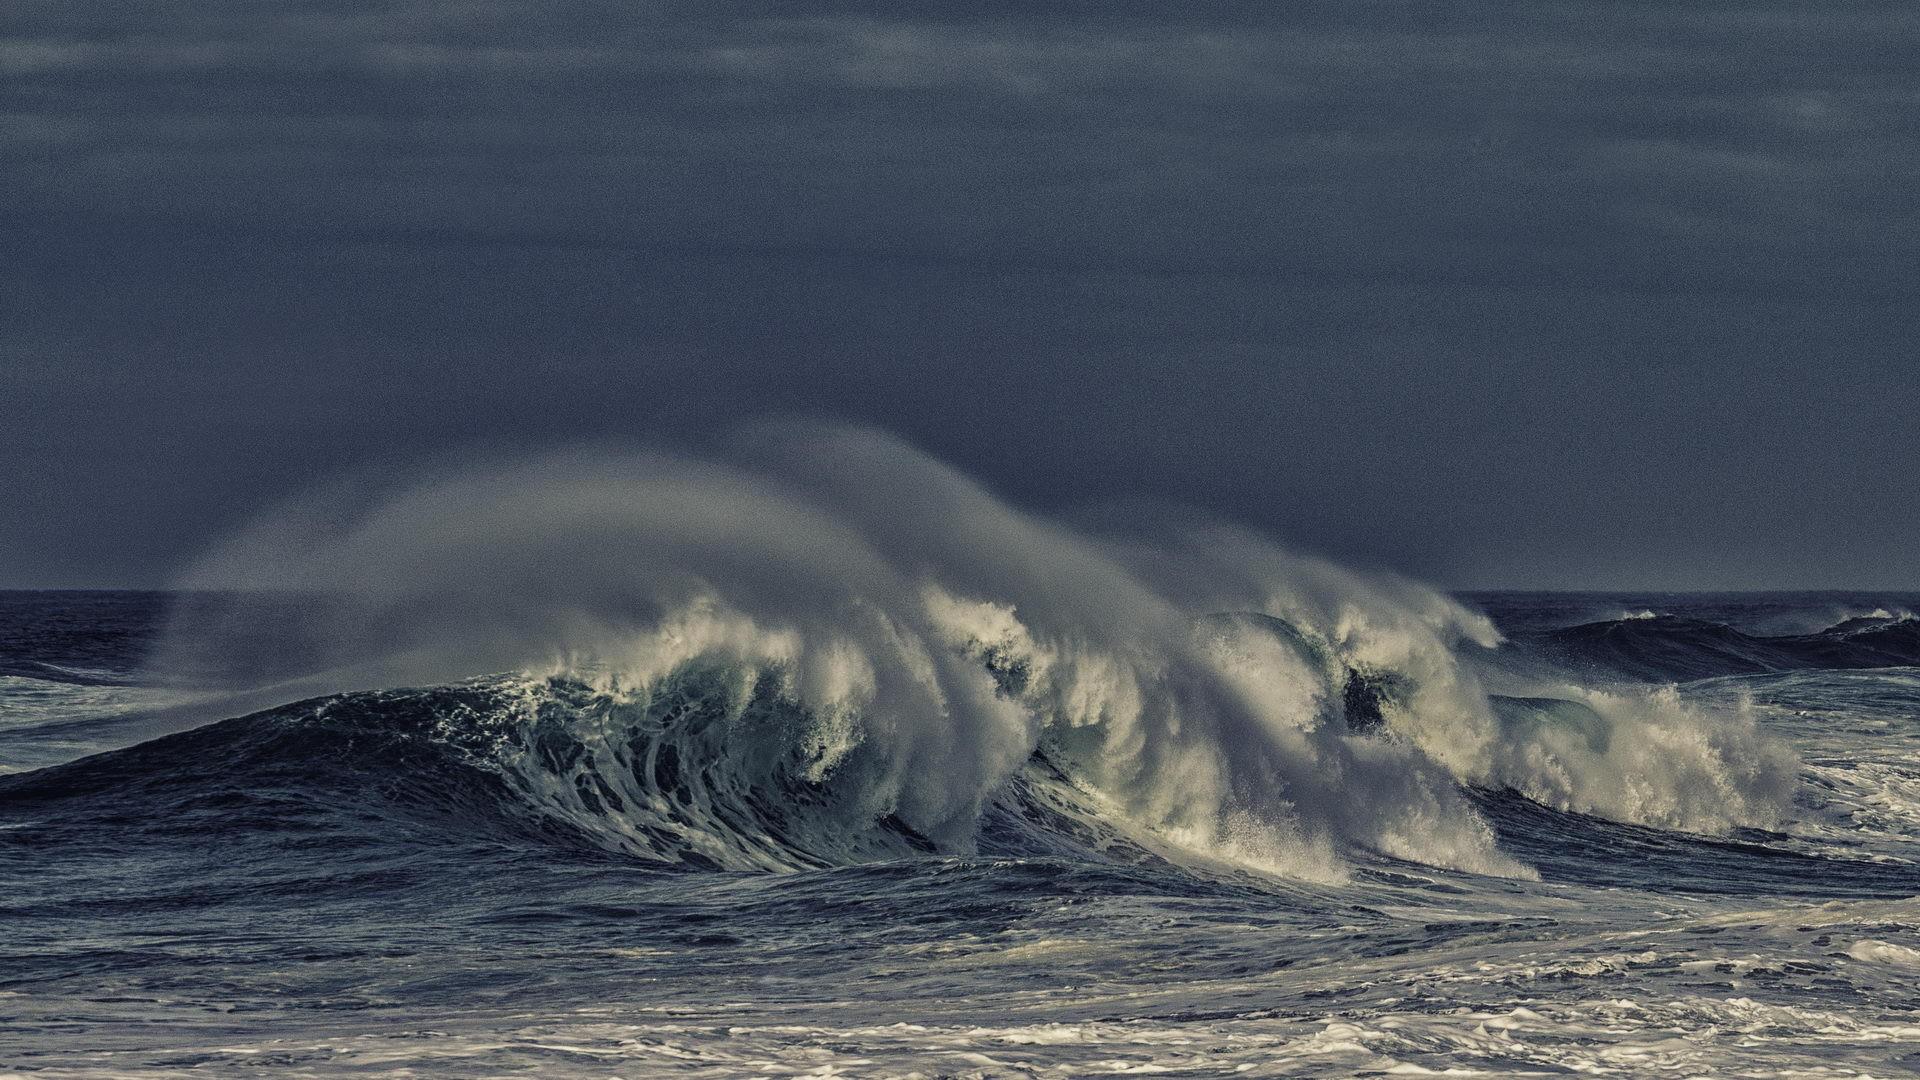 La vague 05